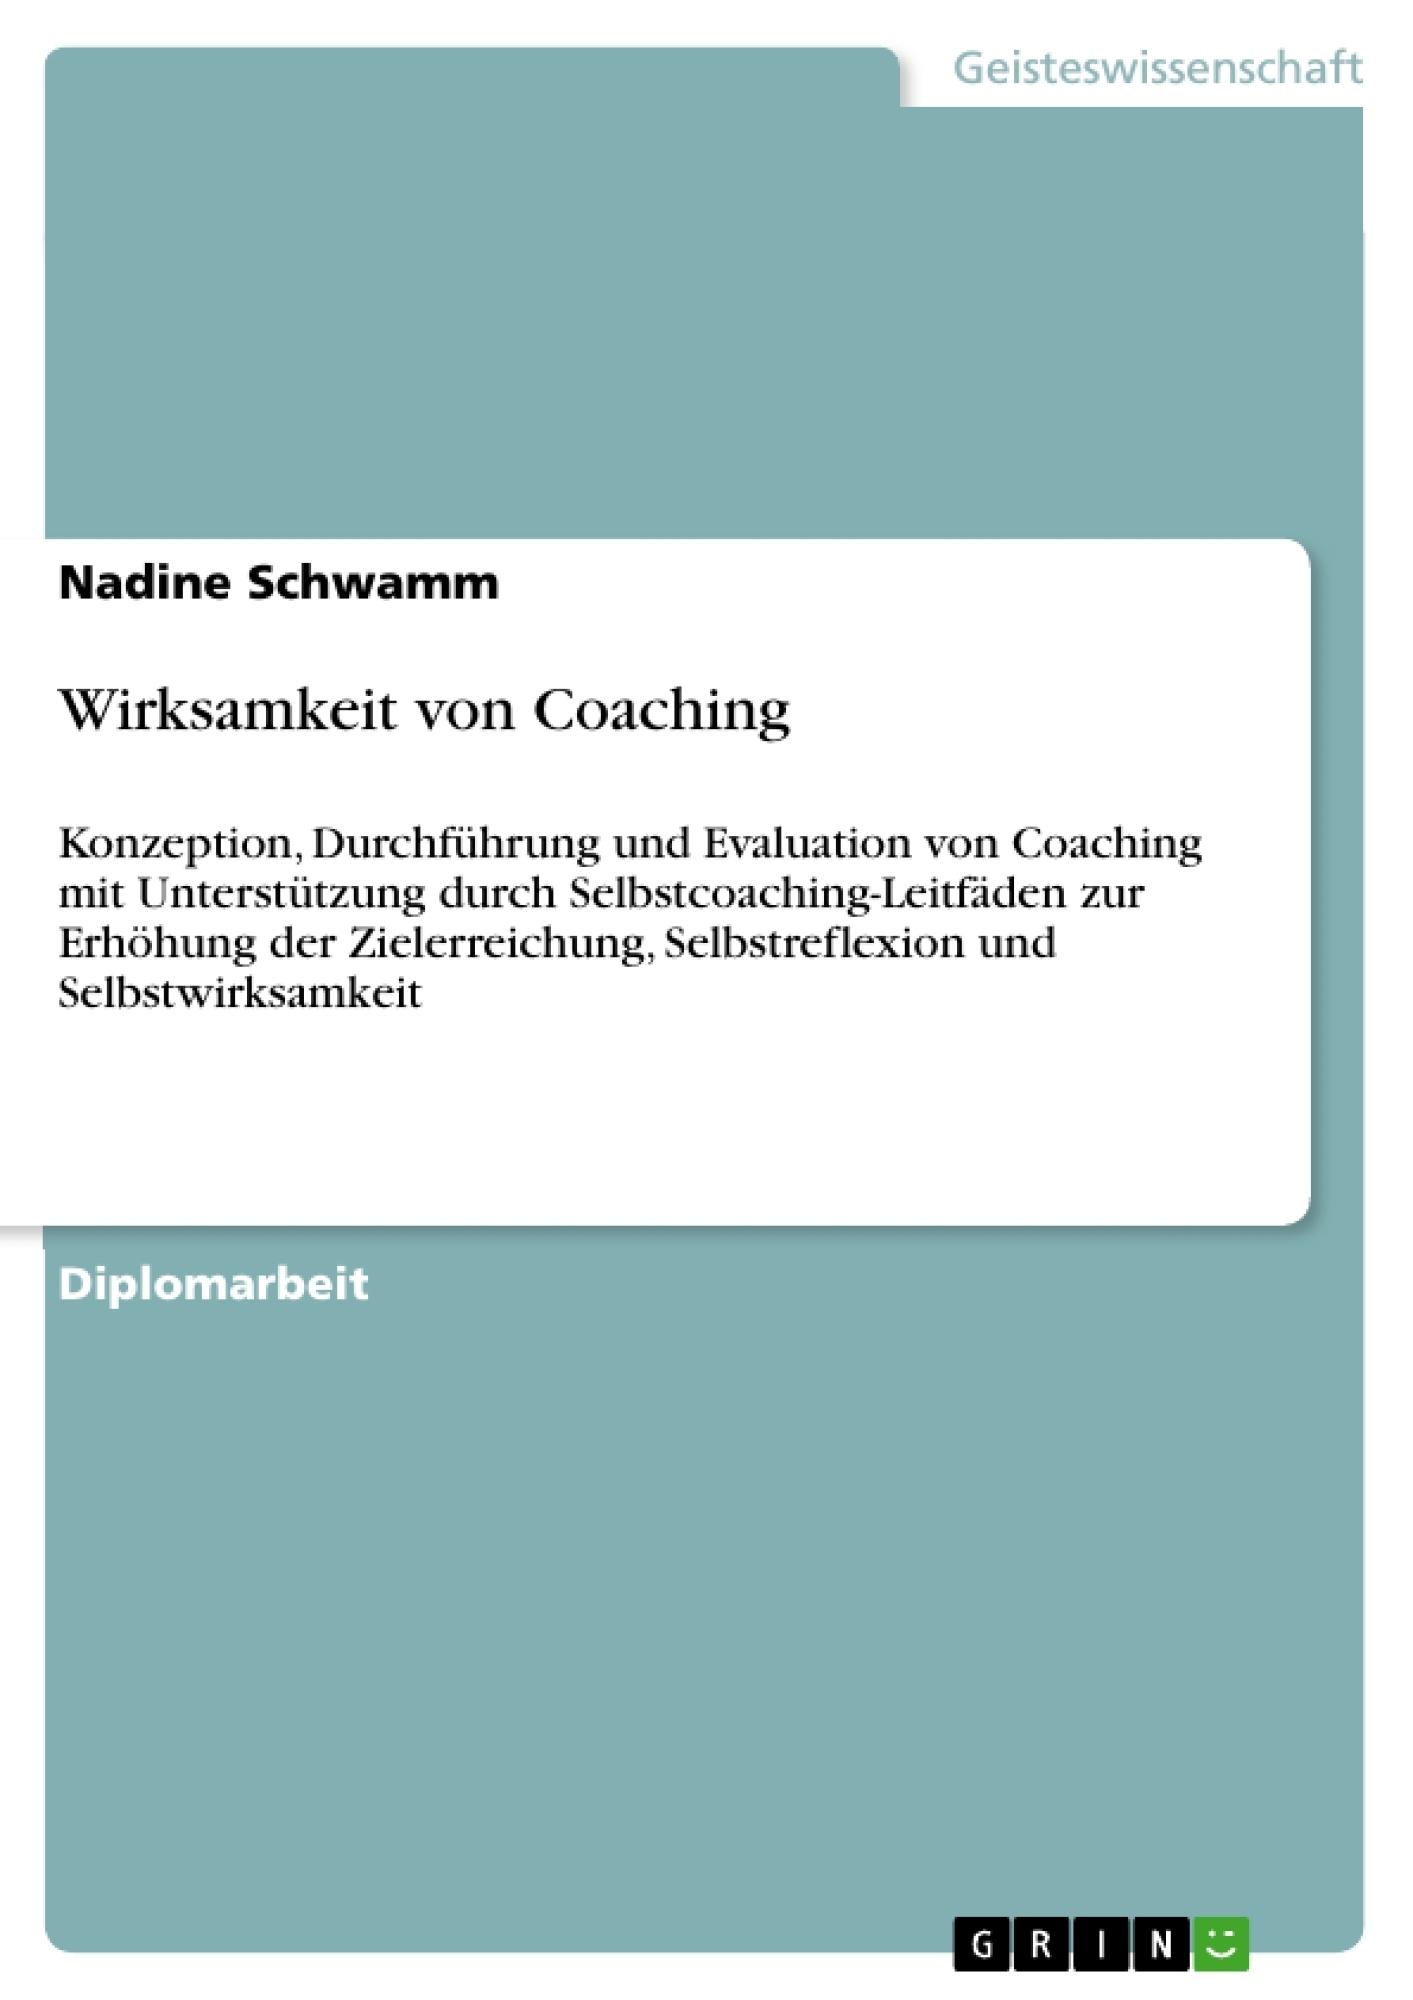 Titel: Wirksamkeit von Coaching